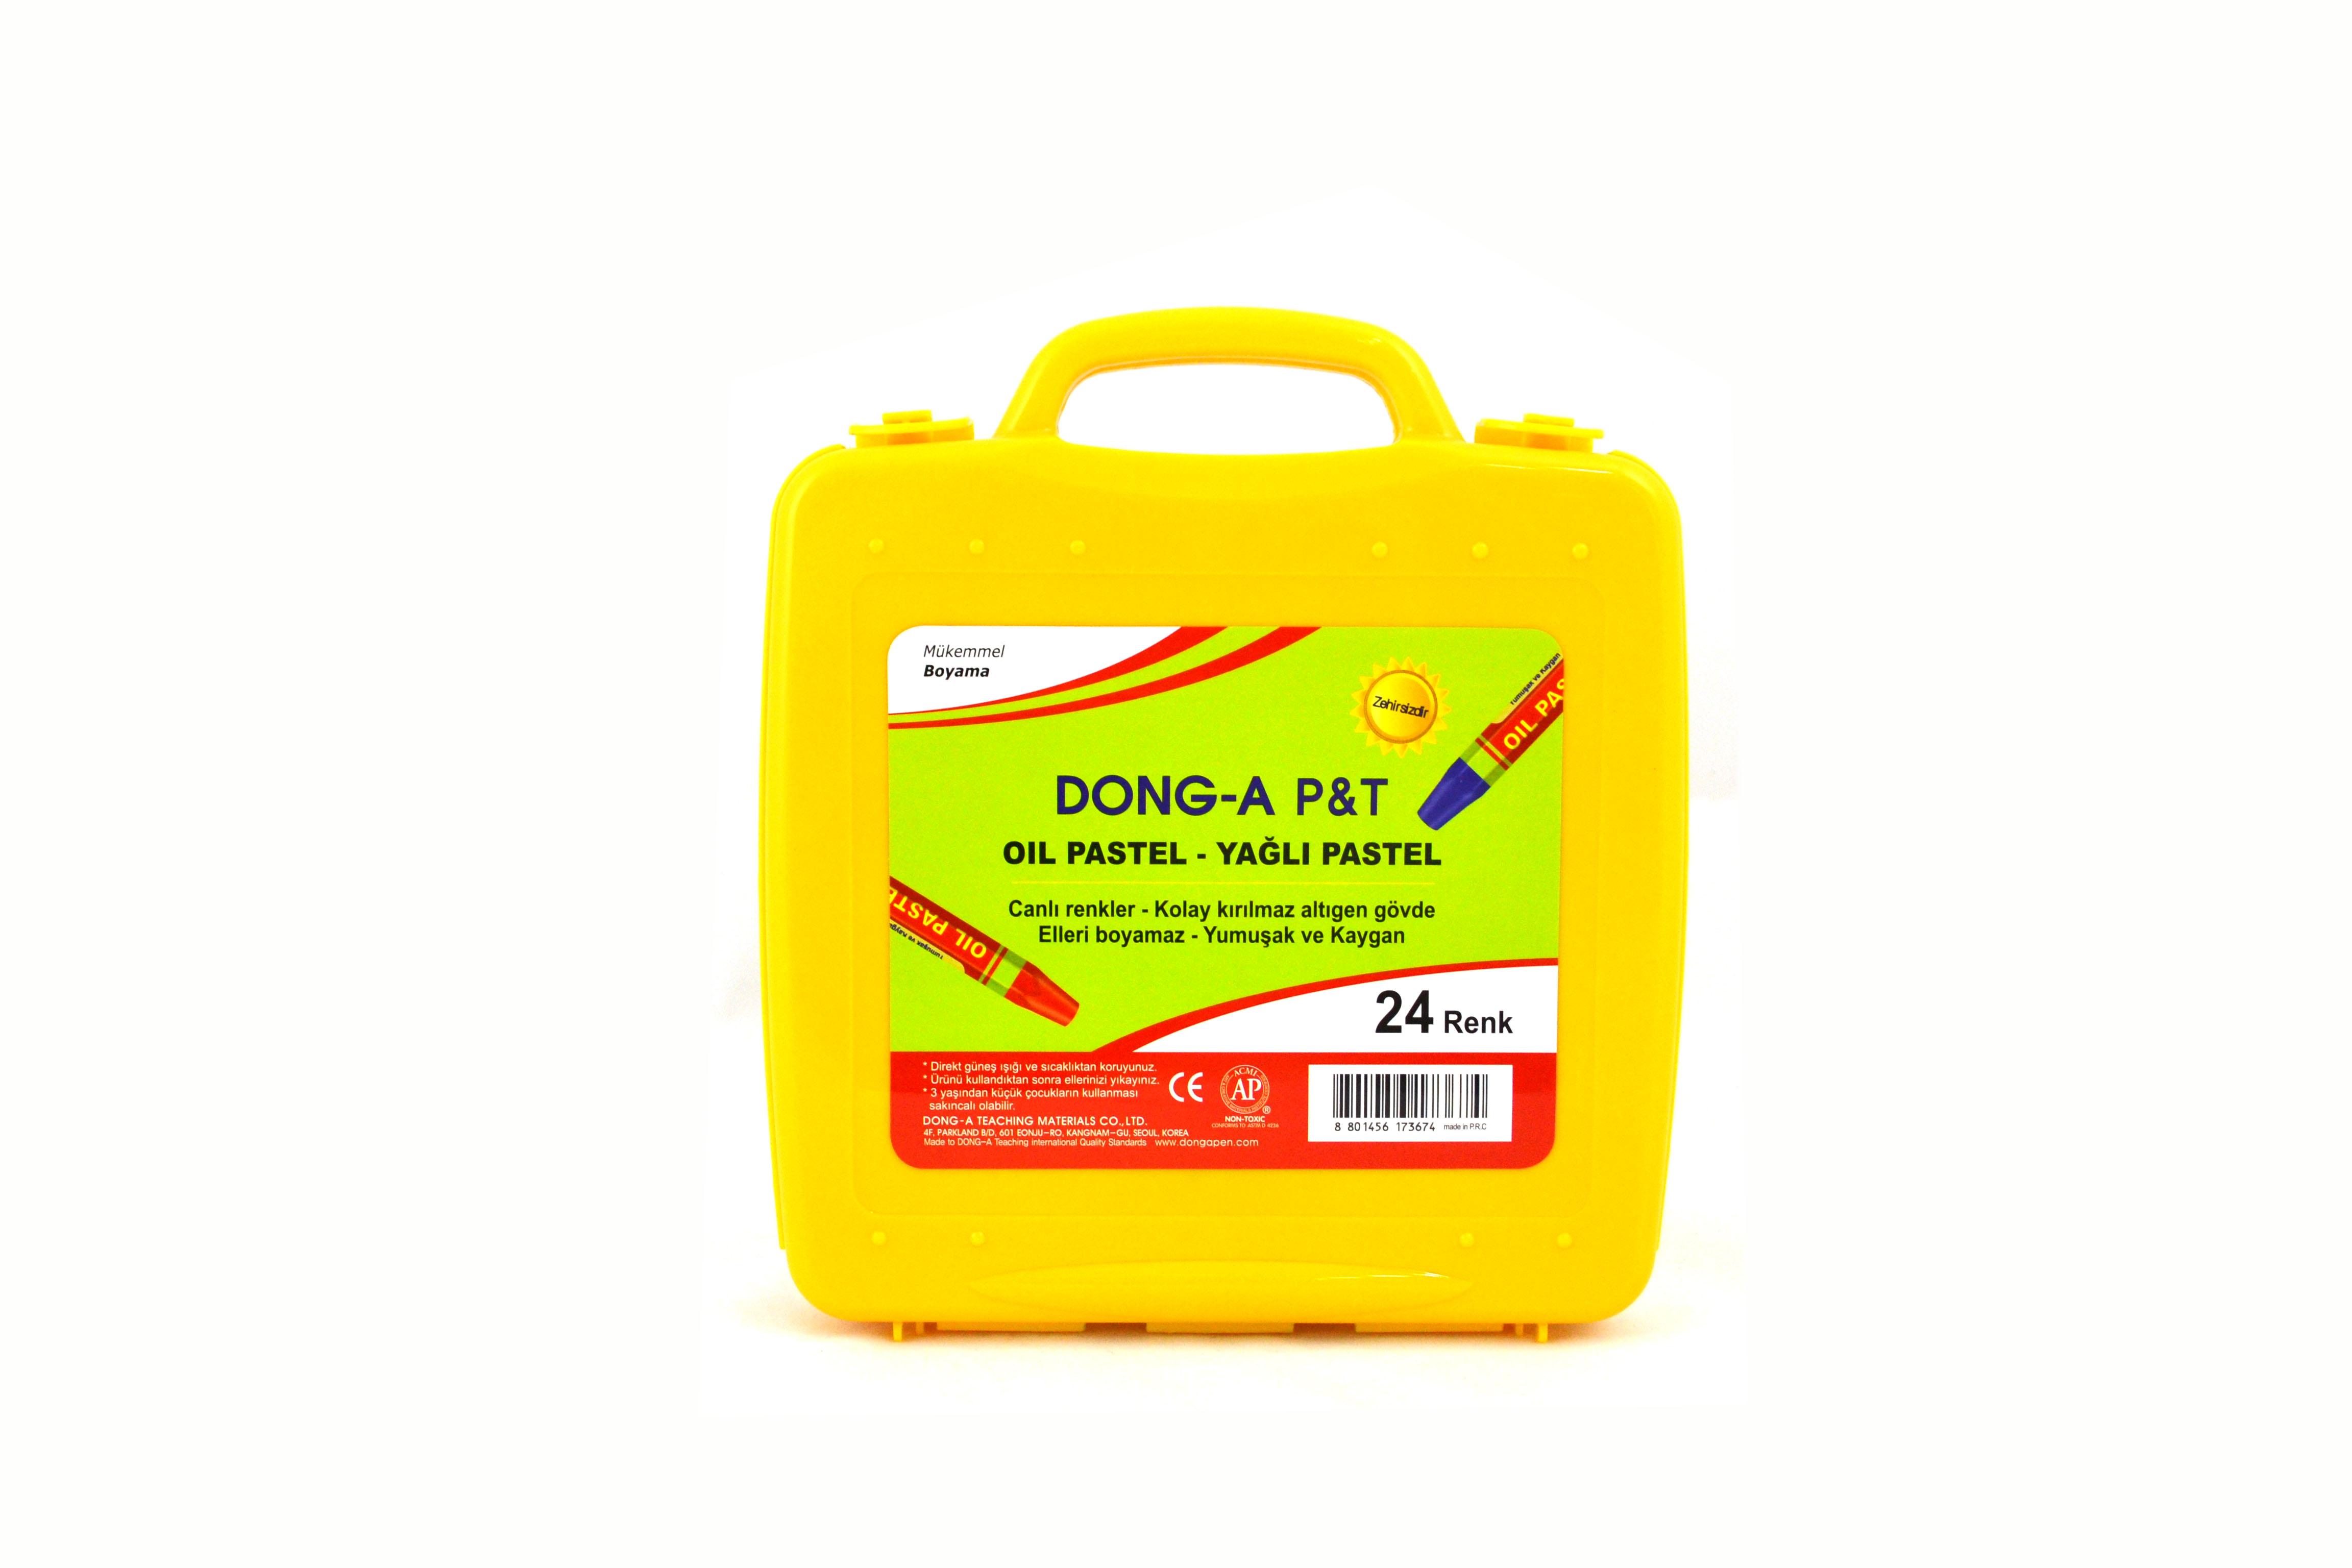 Donga 24 Renk Pastel Boya Prof Cantali 262124 Kaya Kirtasiye